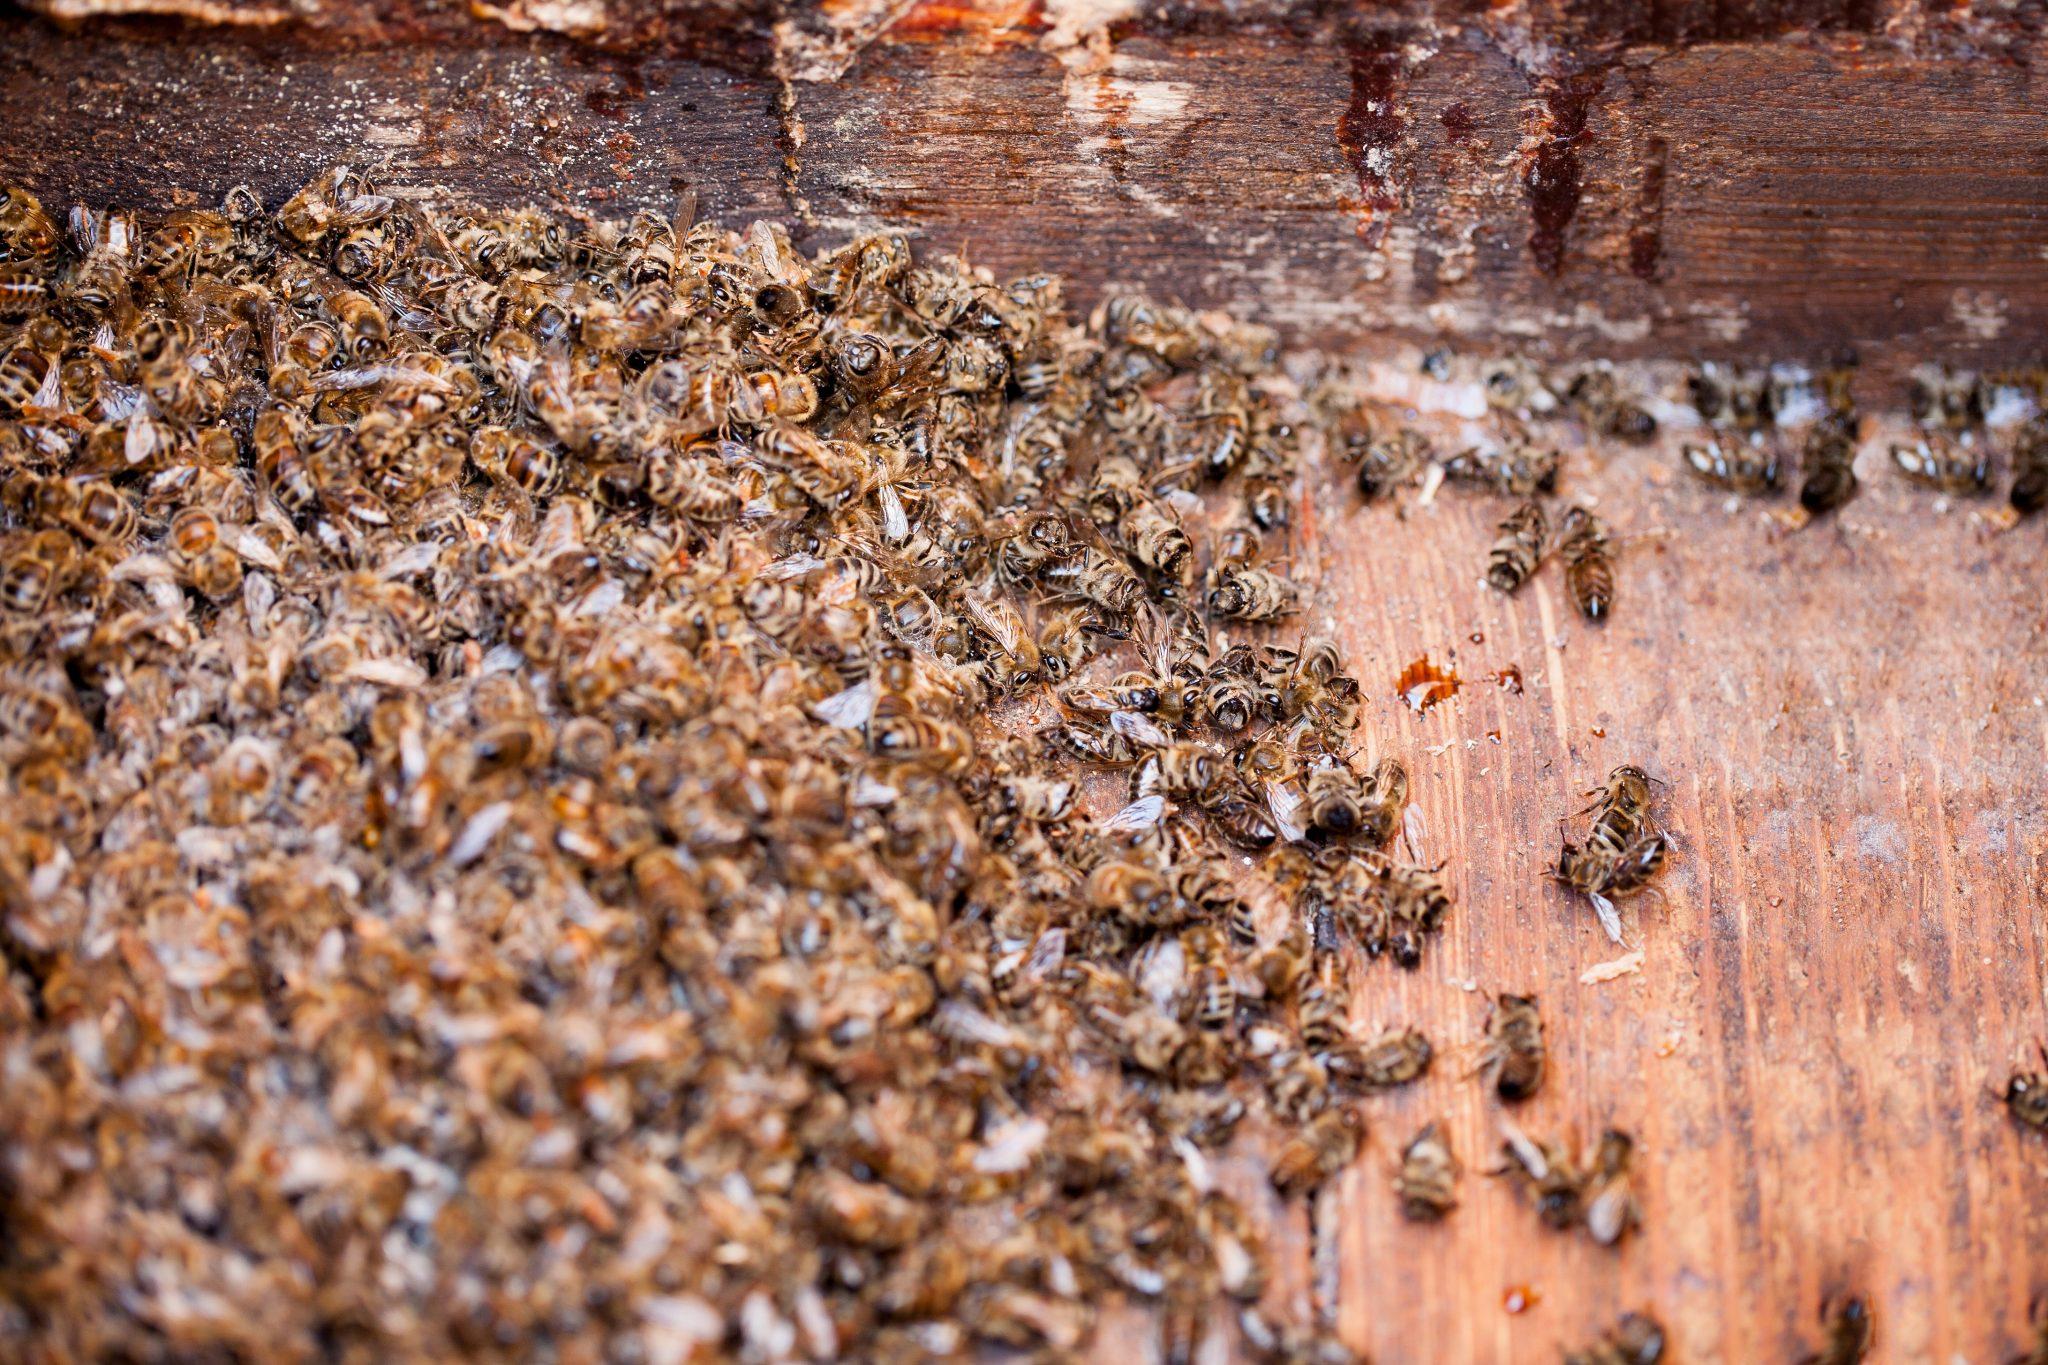 p dmor bdzholiniy sklad korisn vlastivost zb r zastosuvannya 1 - Підмор бджолиний: склад, корисні властивості, збір, застосування